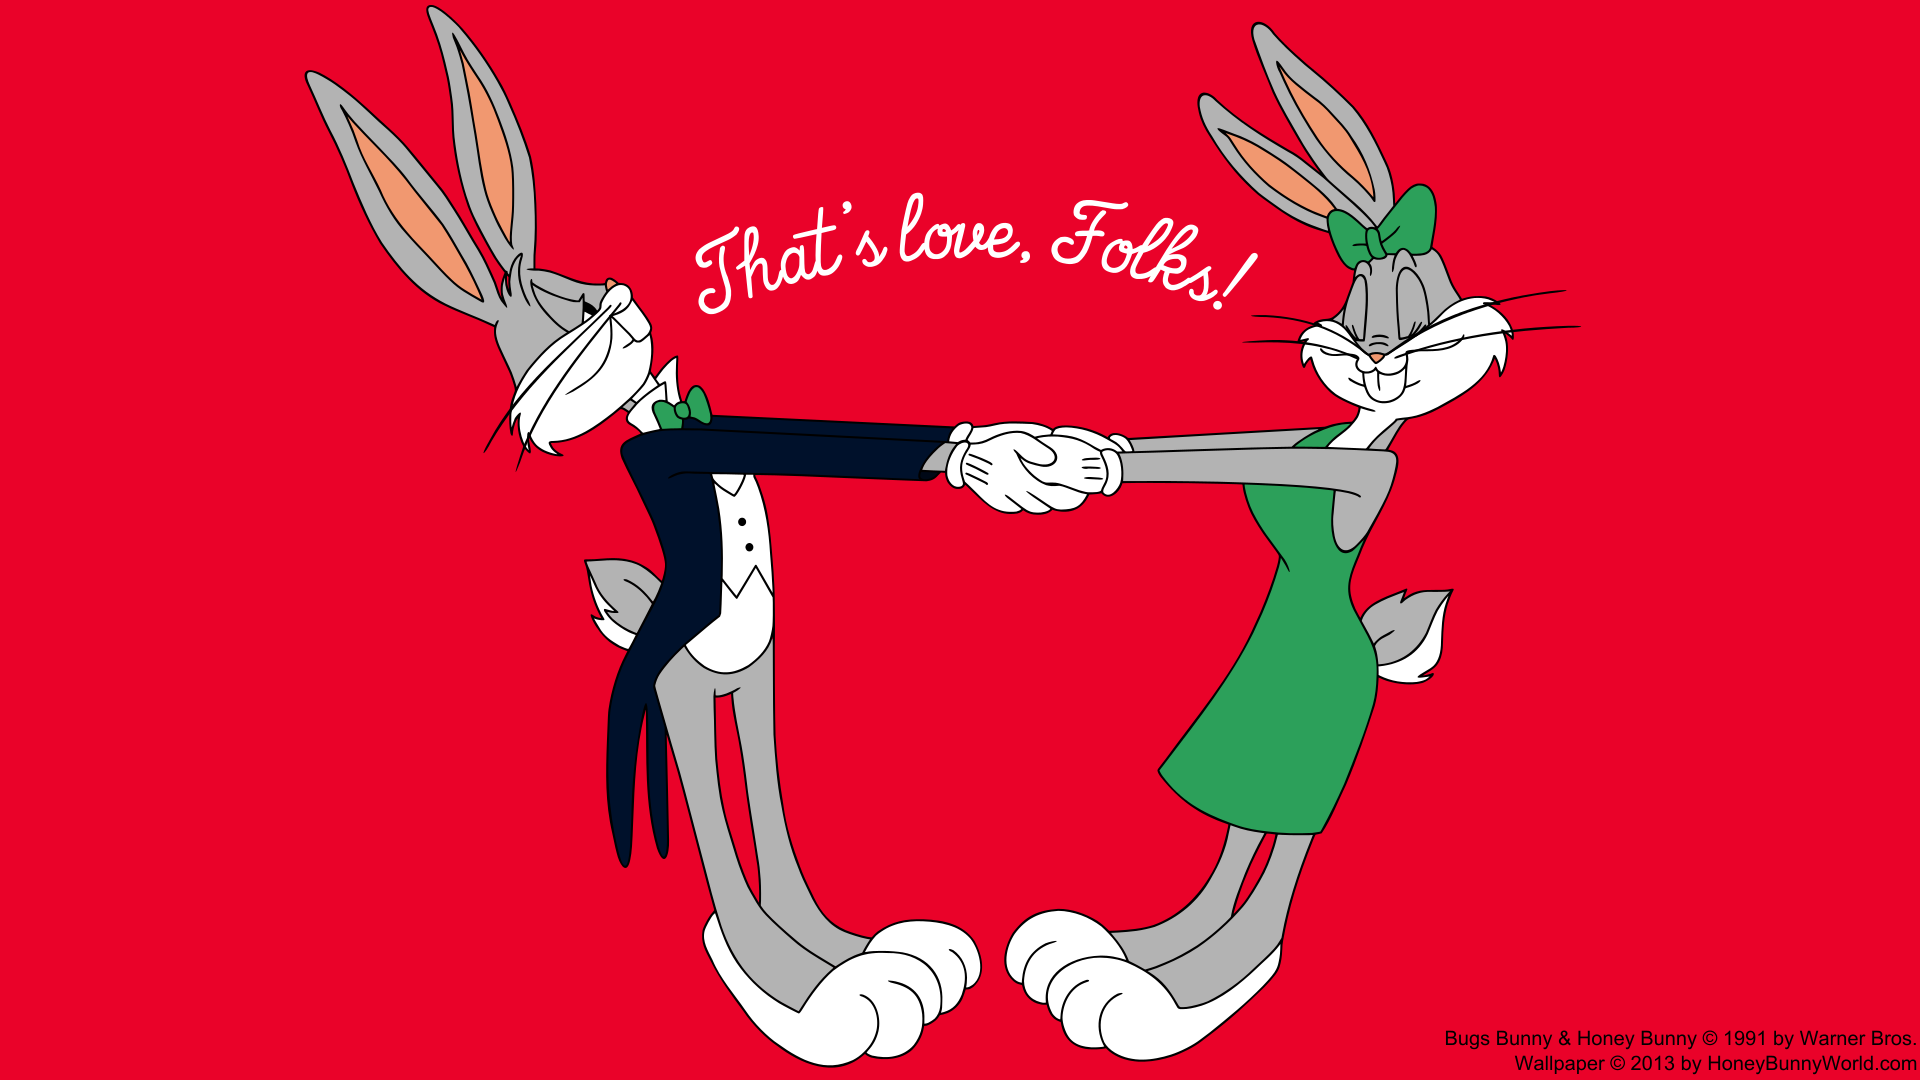 To jest miłość, ludzie!